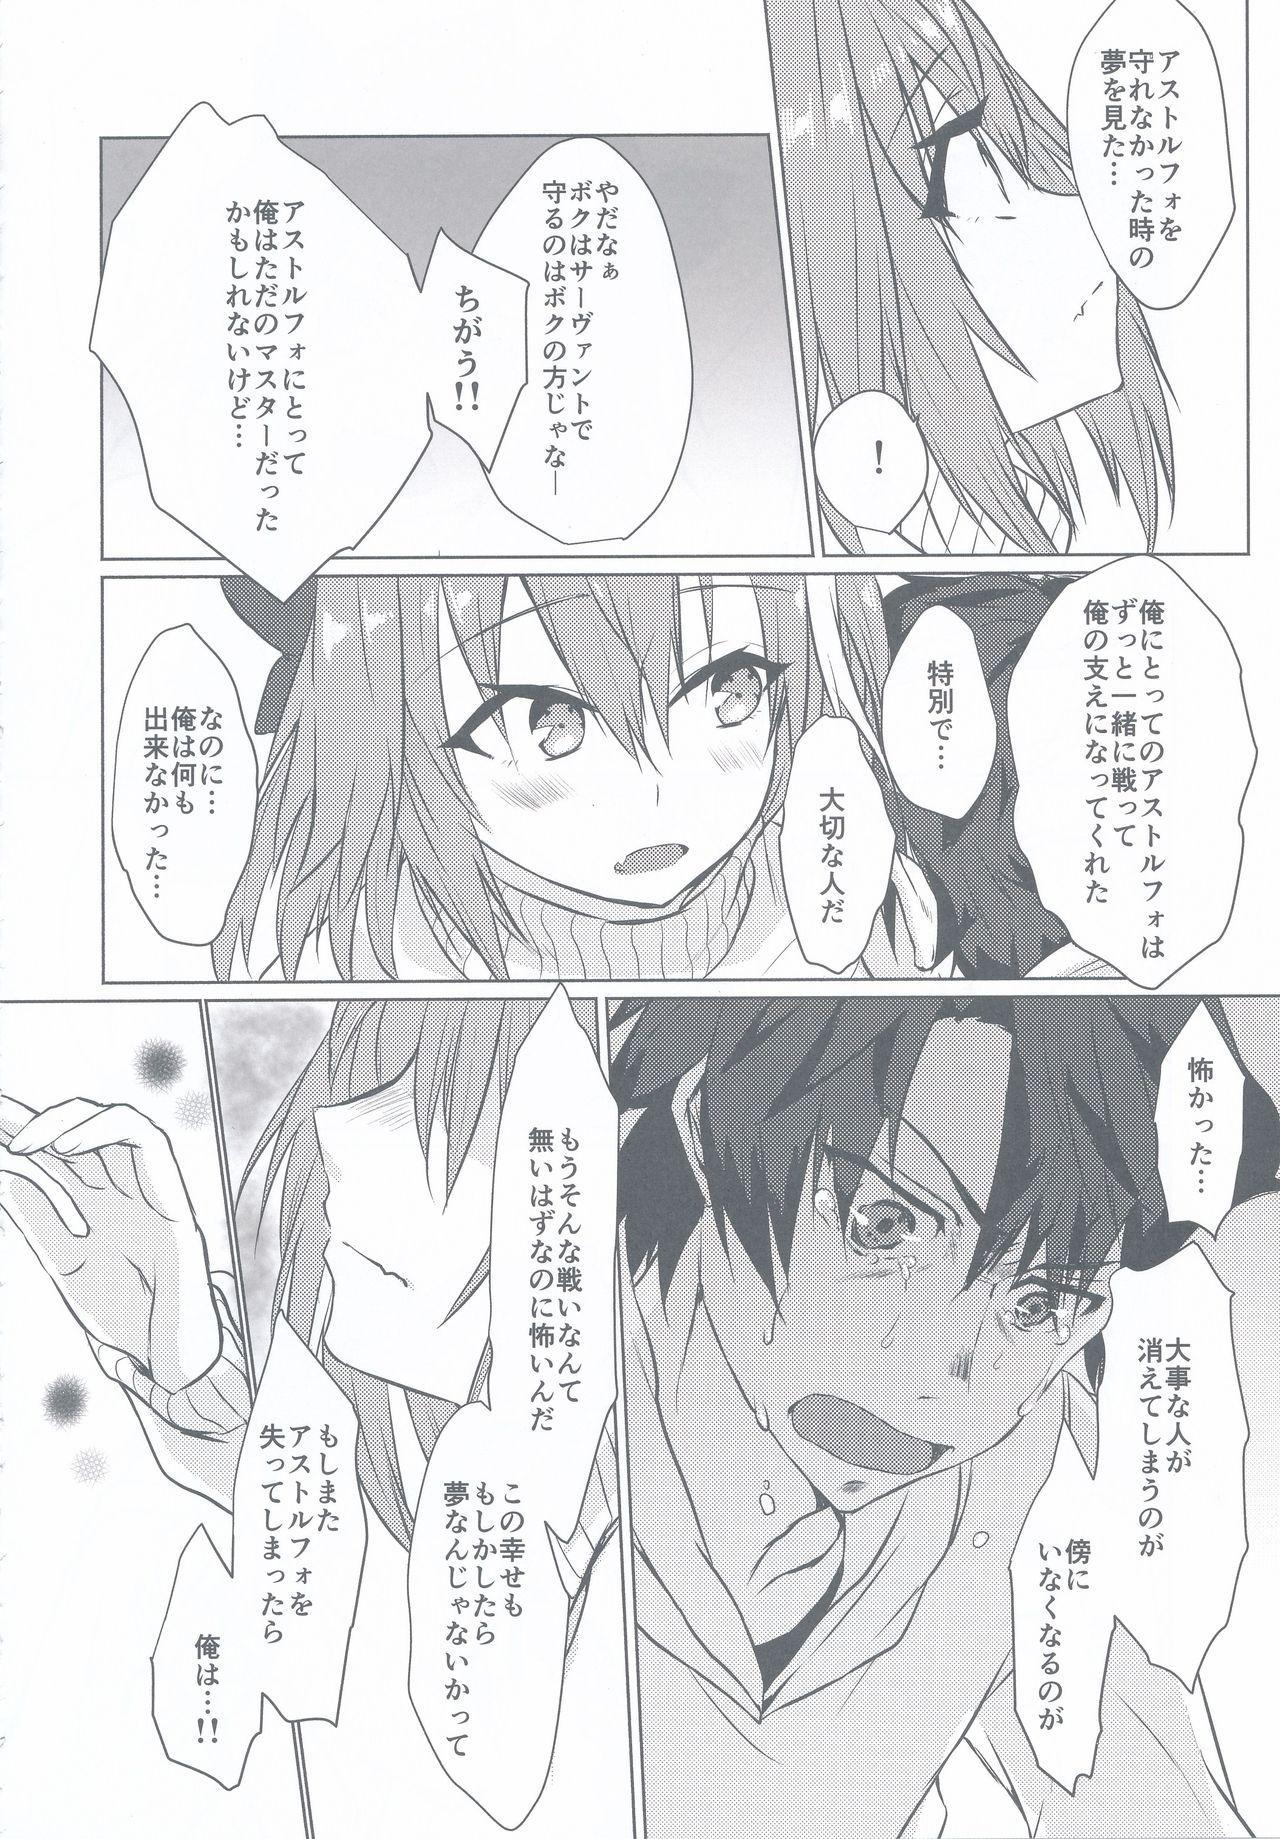 Astolfo-kun to Nenmatsu ni Ichaicha Sugosu Hon 13